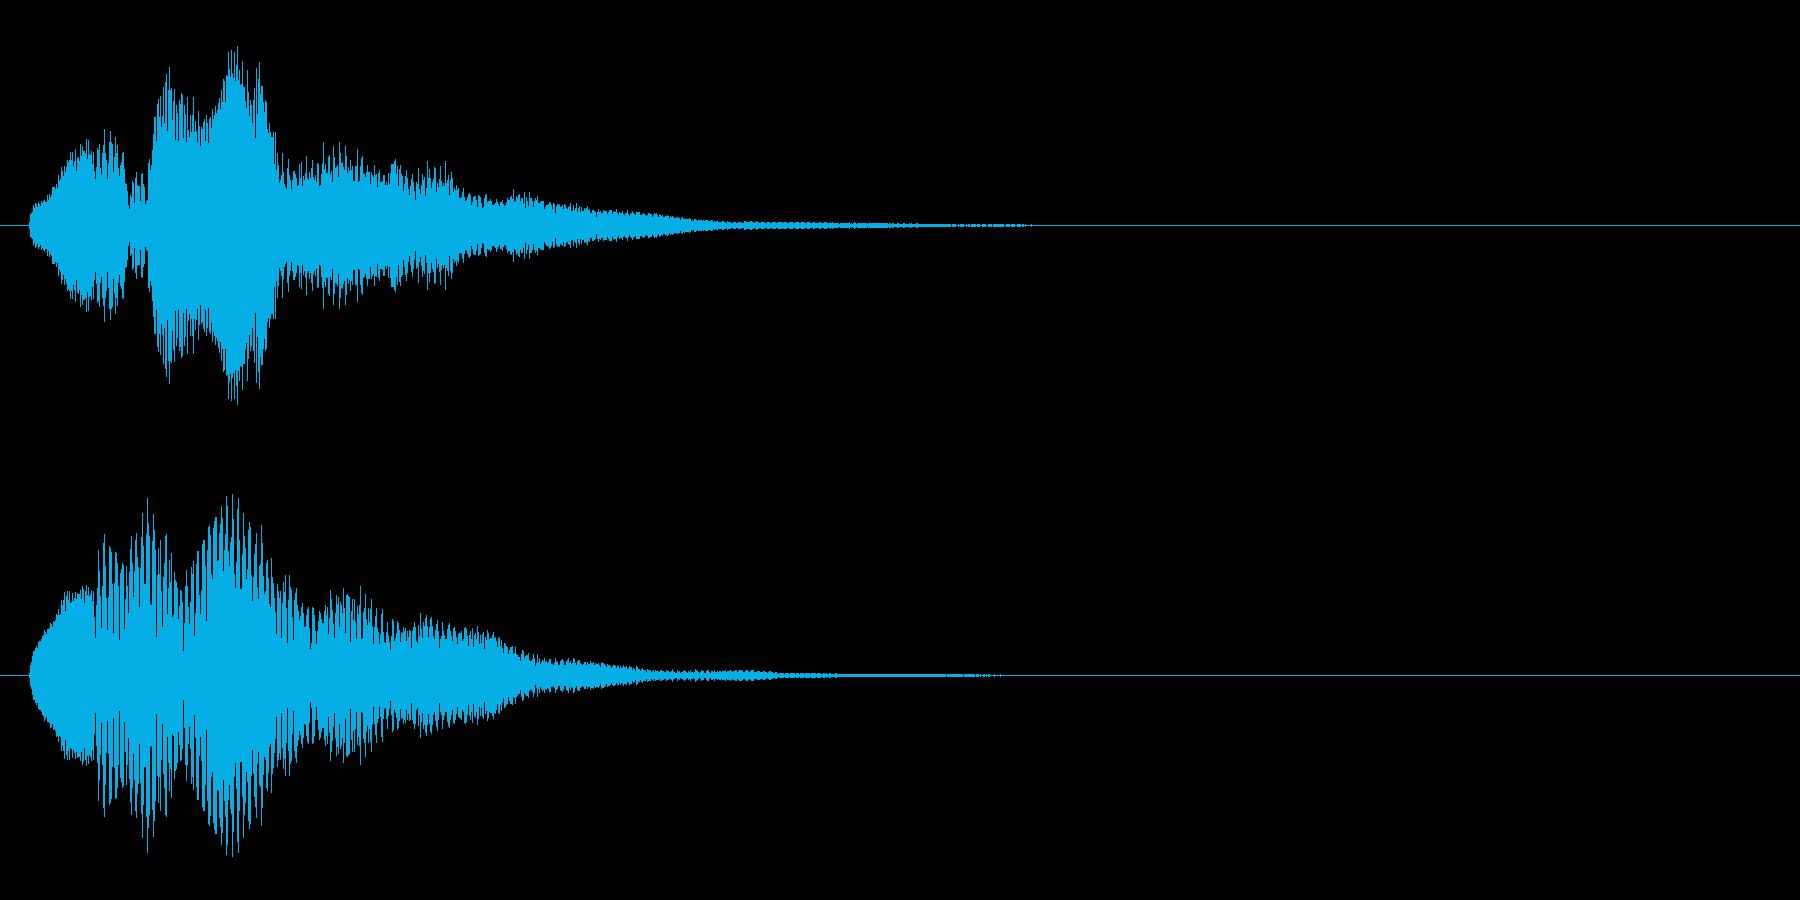 ハープ・上昇_5-2の再生済みの波形